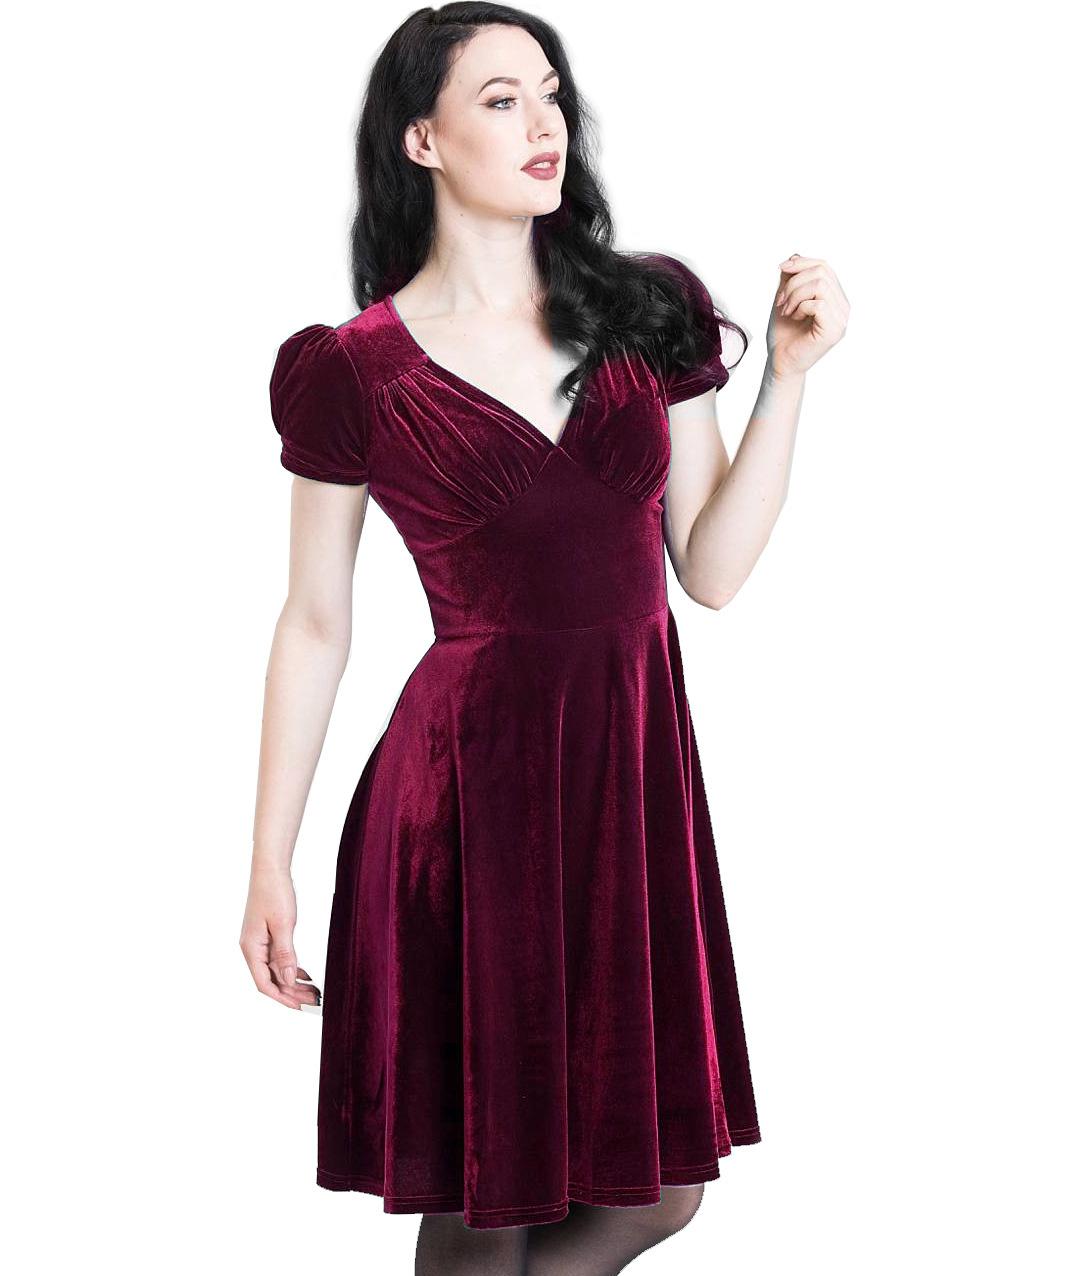 Hell-Bunny-40s-50s-Elegant-Pin-Up-Dress-JOANNE-Crushed-Velvet-Burgundy-All-Sizes thumbnail 45